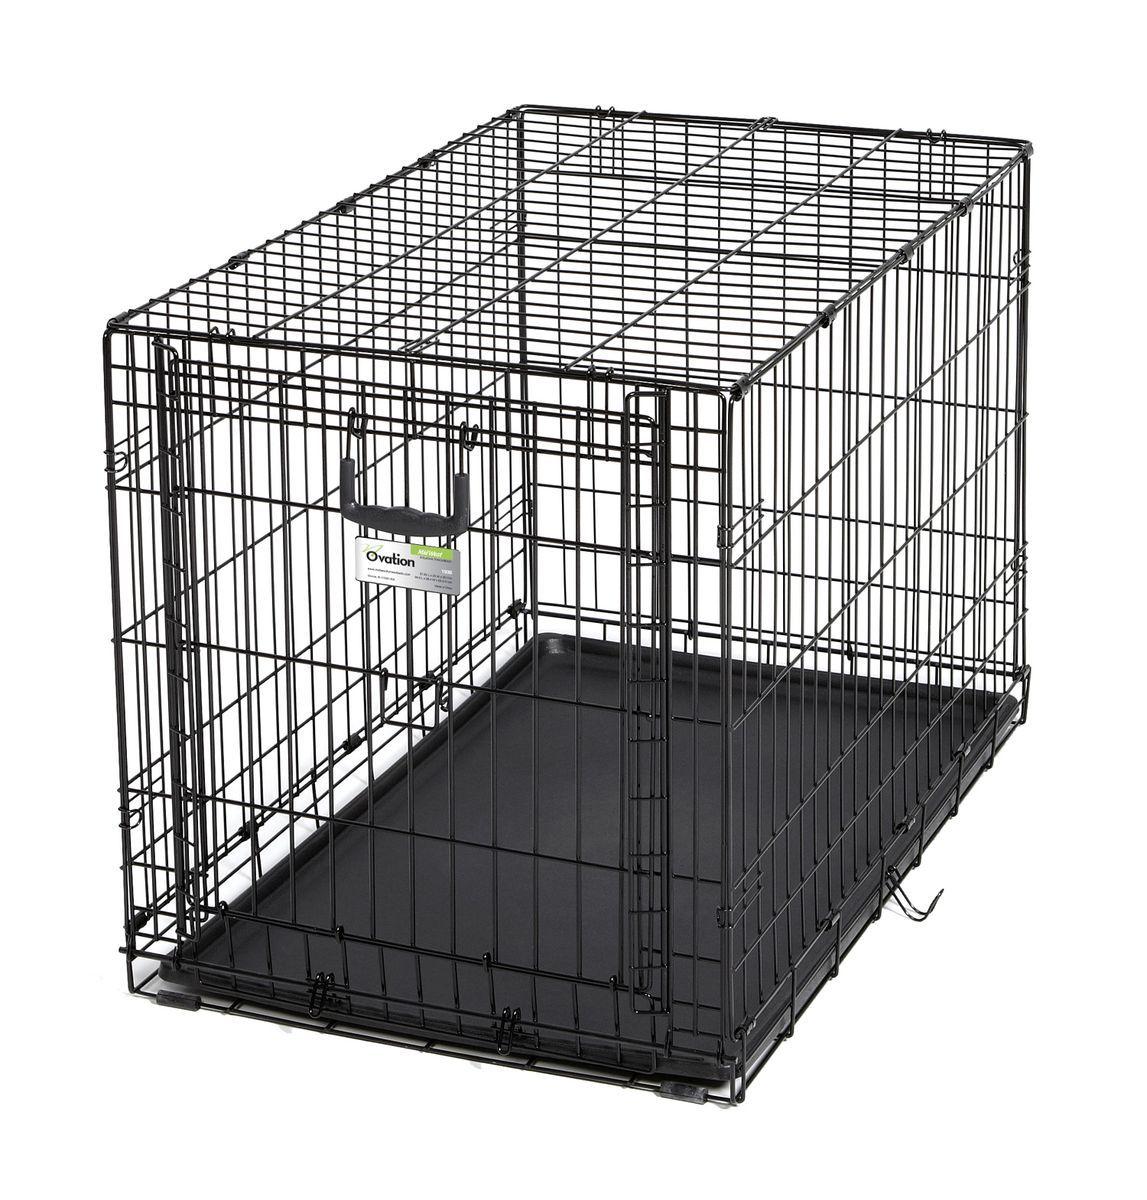 Клетка Midwest Ovation, 1 дверь рельсовая, 94,6 x 58,4 x 63,5 см240ж_желтый, красныйКлетка Midwest Ovation разработана специально для транспортировки средних и крупных собак. Закругленная угловая защита обеспечивает безопасность питомцам и людям. Клетка из нержавеющей стали оснащена: - одной рельсовой дверкой (открывается вверх); - безопасным двойным замком (задвижка закрывает и снаружи и внутри); - прочным пластиковым поддоном, который не повреждает поверхность, на которой размещается; - разделяющей панелью, обеспечивающей создание универсальных отсеков; - качественными ручками для переноски питомца.Размер клетки (ДхШхВ): 94,6 x 58,4 x 63,5 см. Вес конструкции: 10,8 кг.Товар сертифицирован.